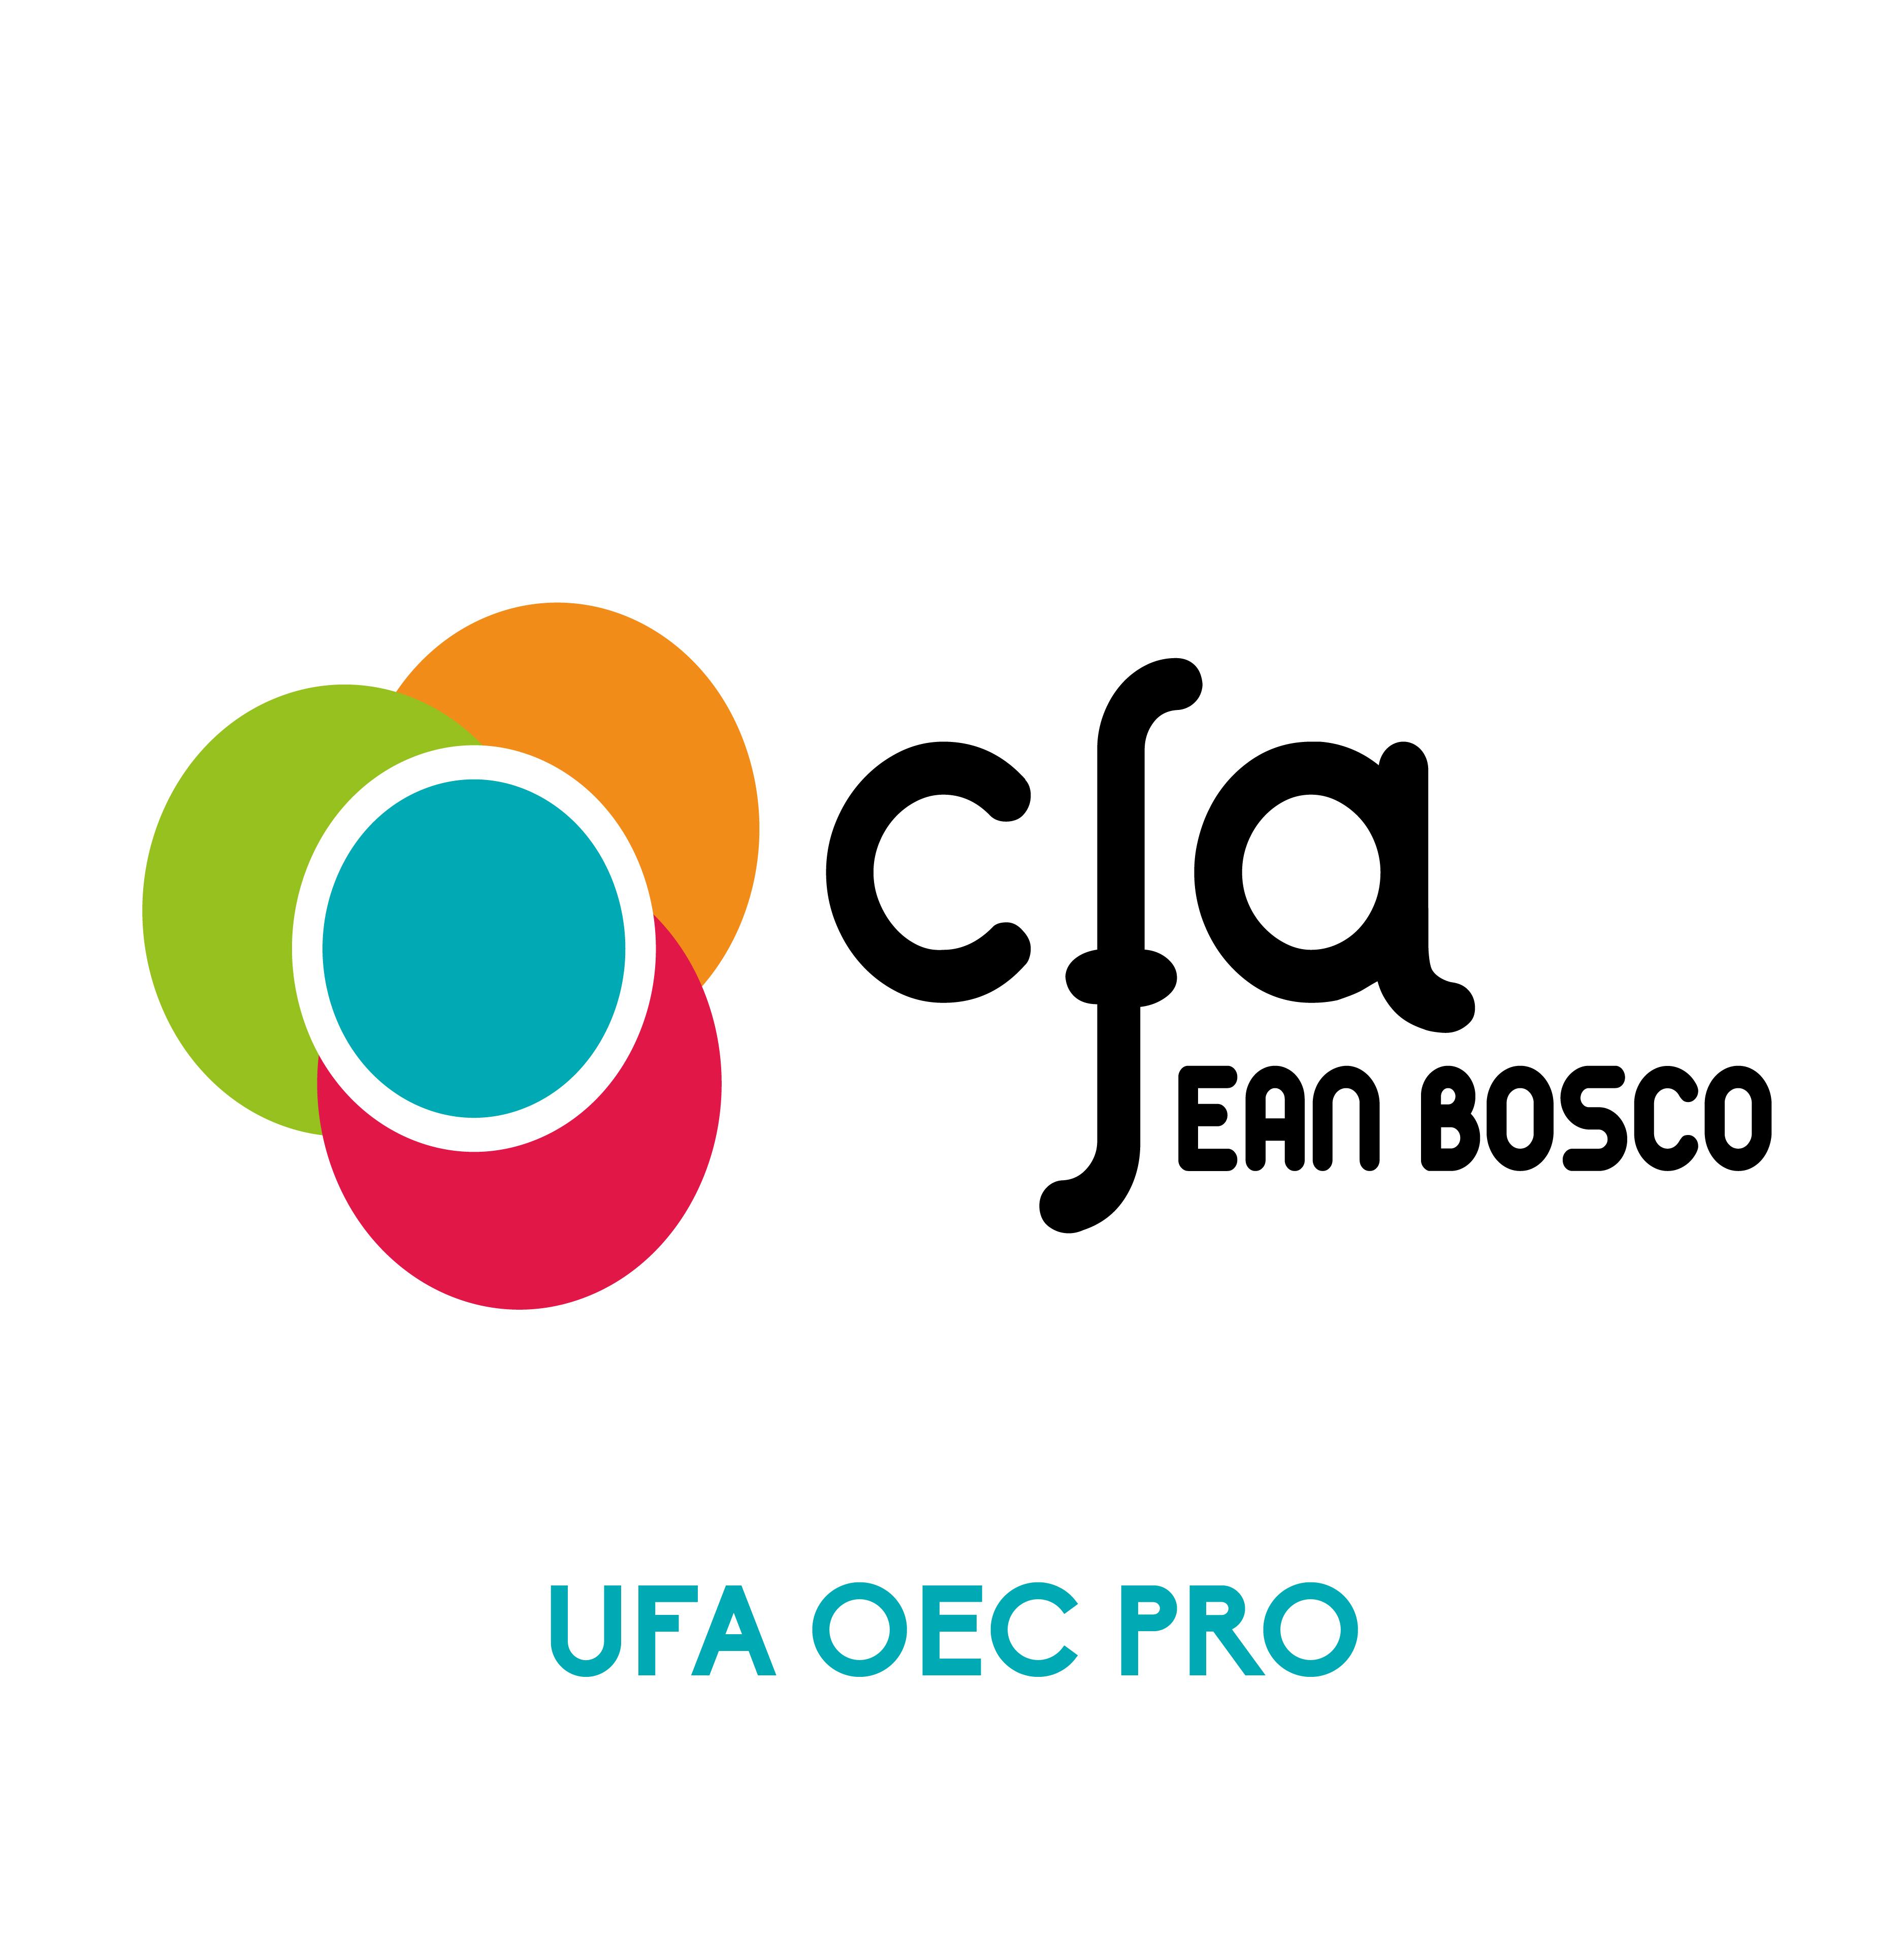 LOGO CFA-OEC-PRO